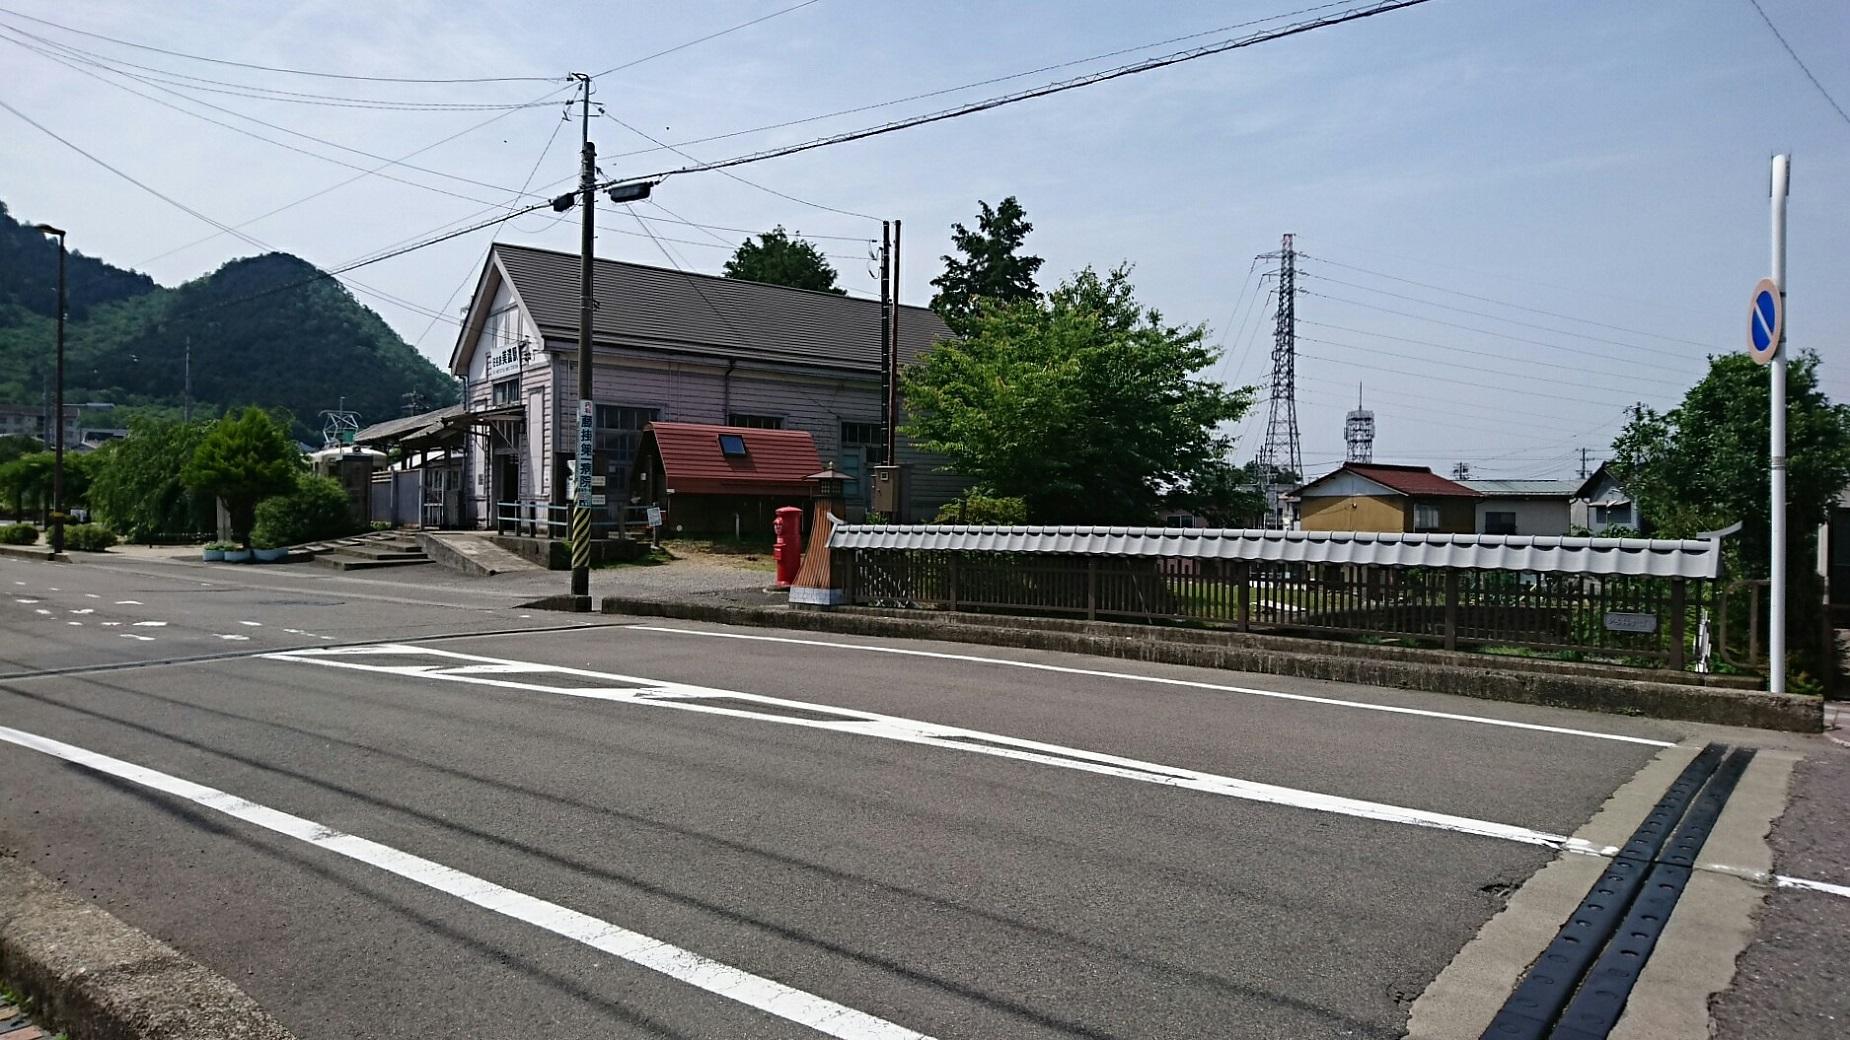 2018.5.16 美濃市 (62) 広岡橋 1850-1040